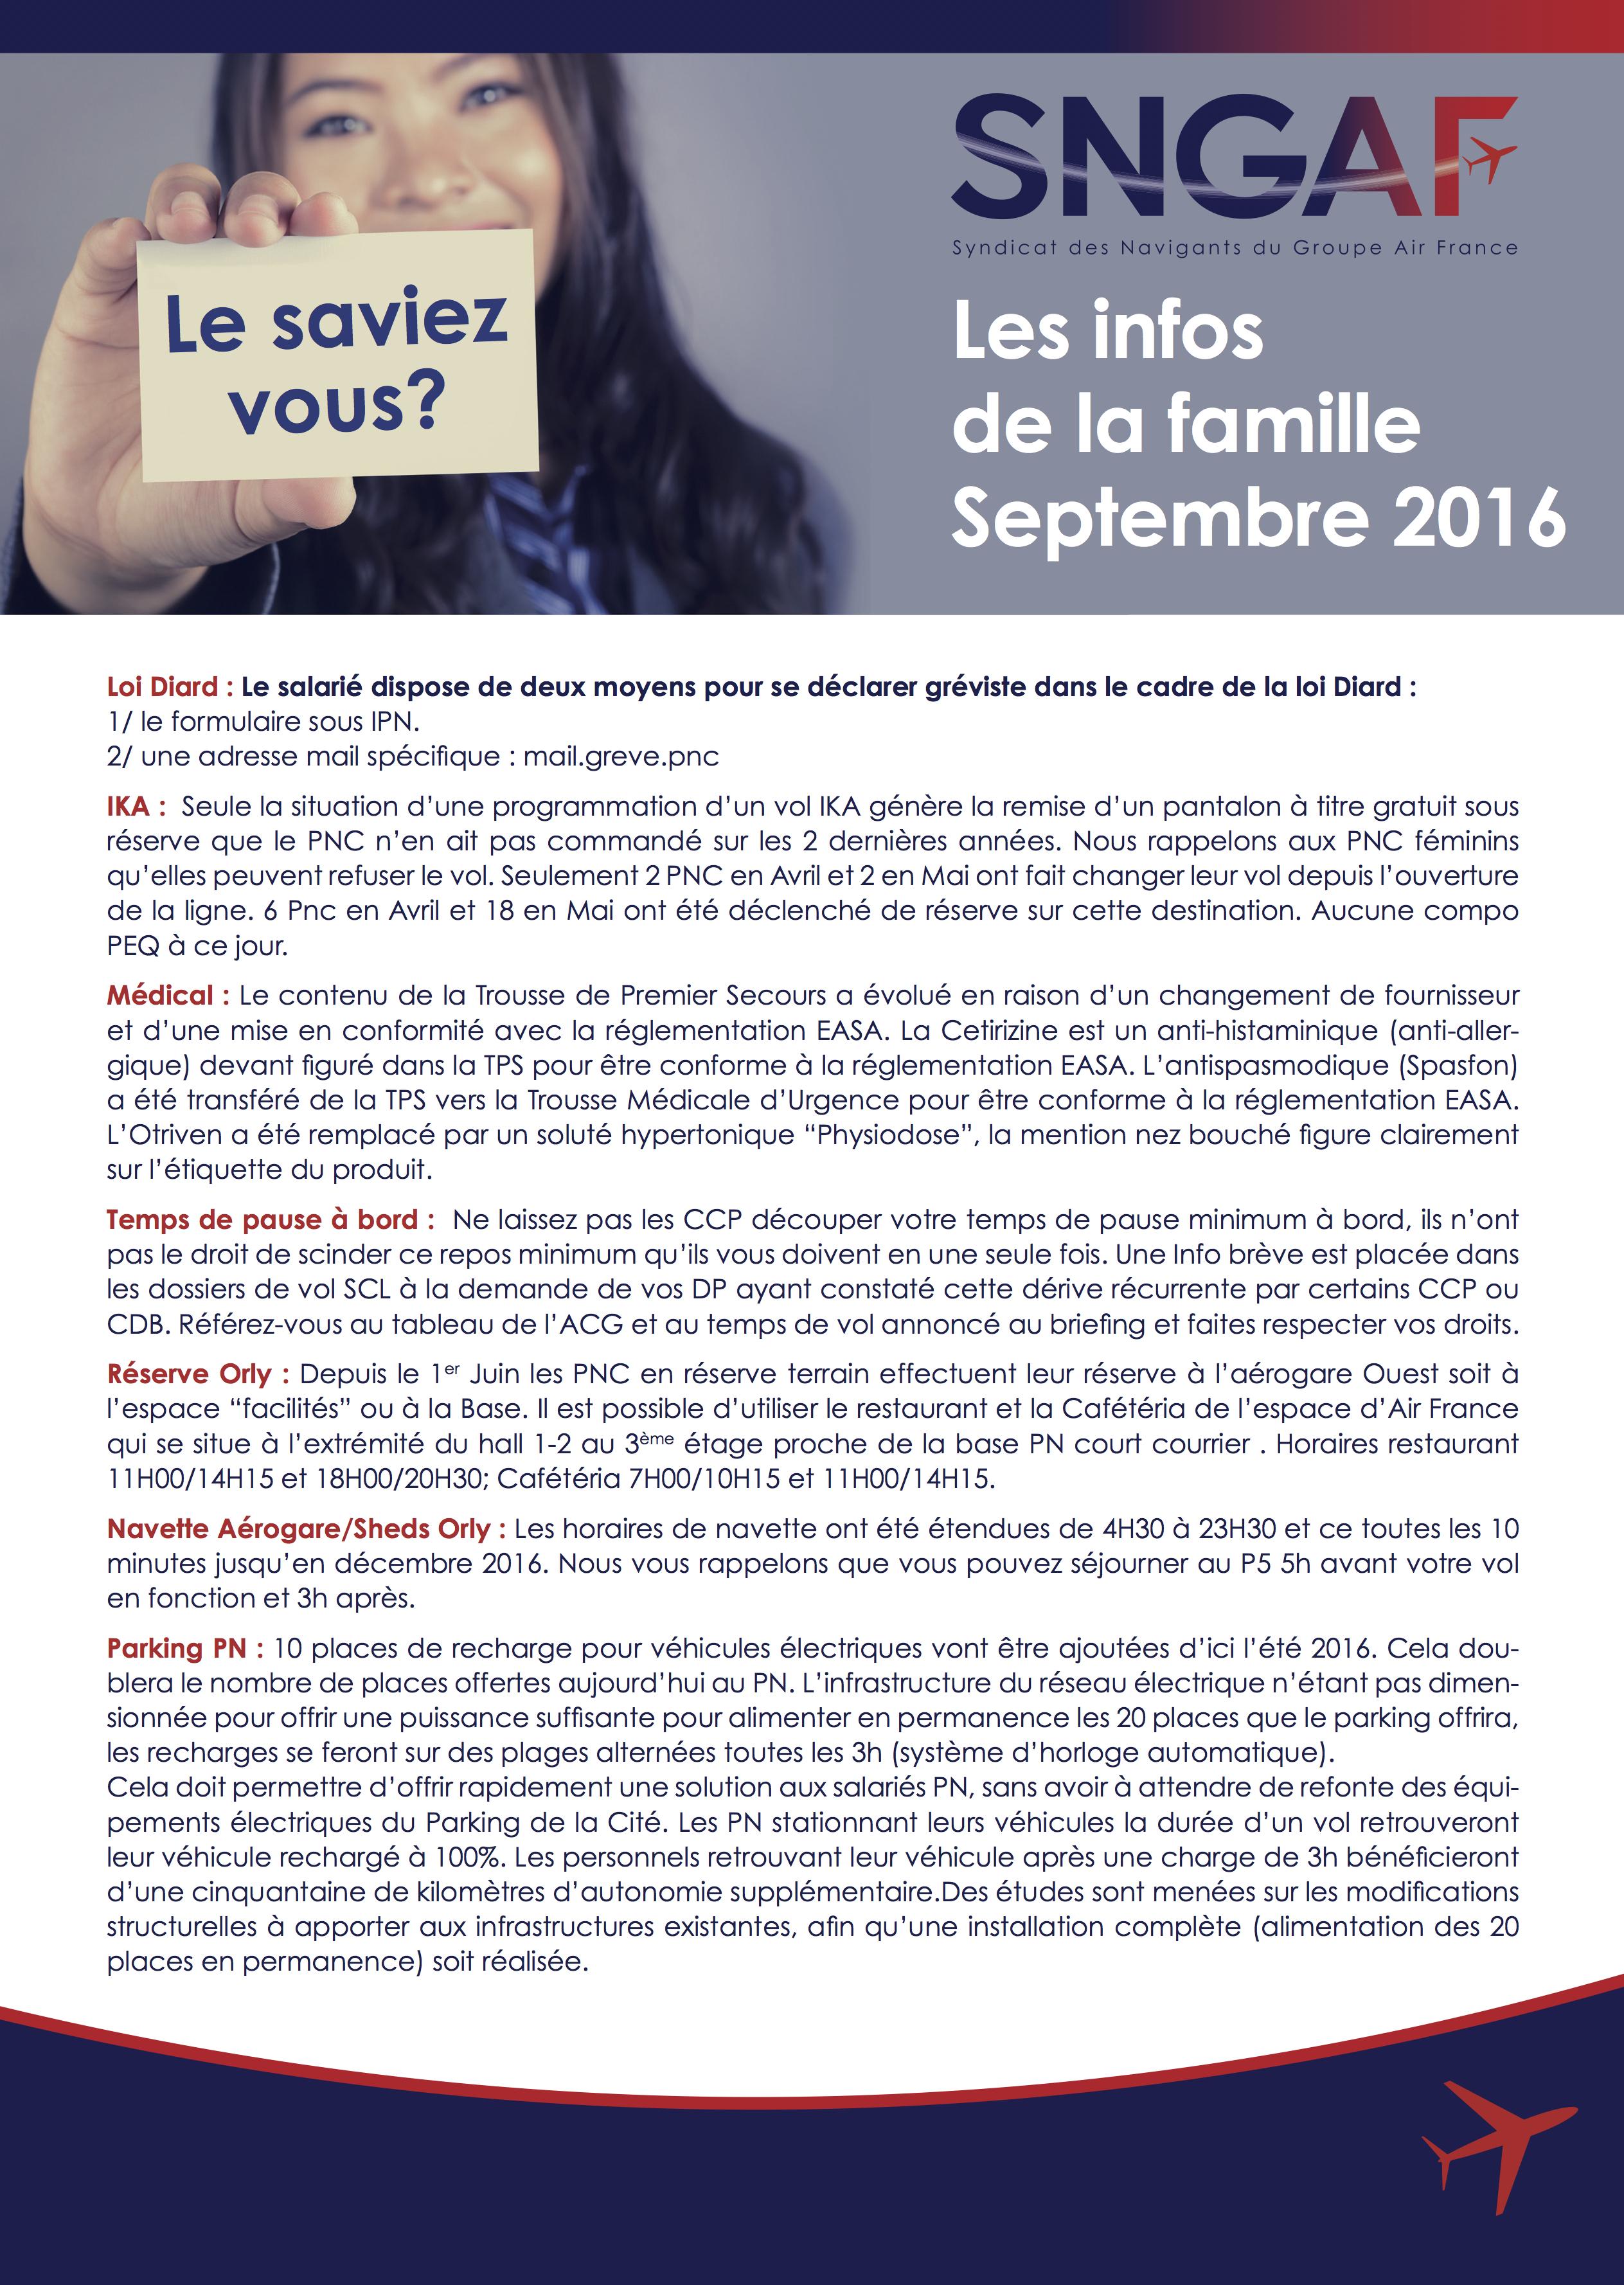 infos-de-la-famille-p1